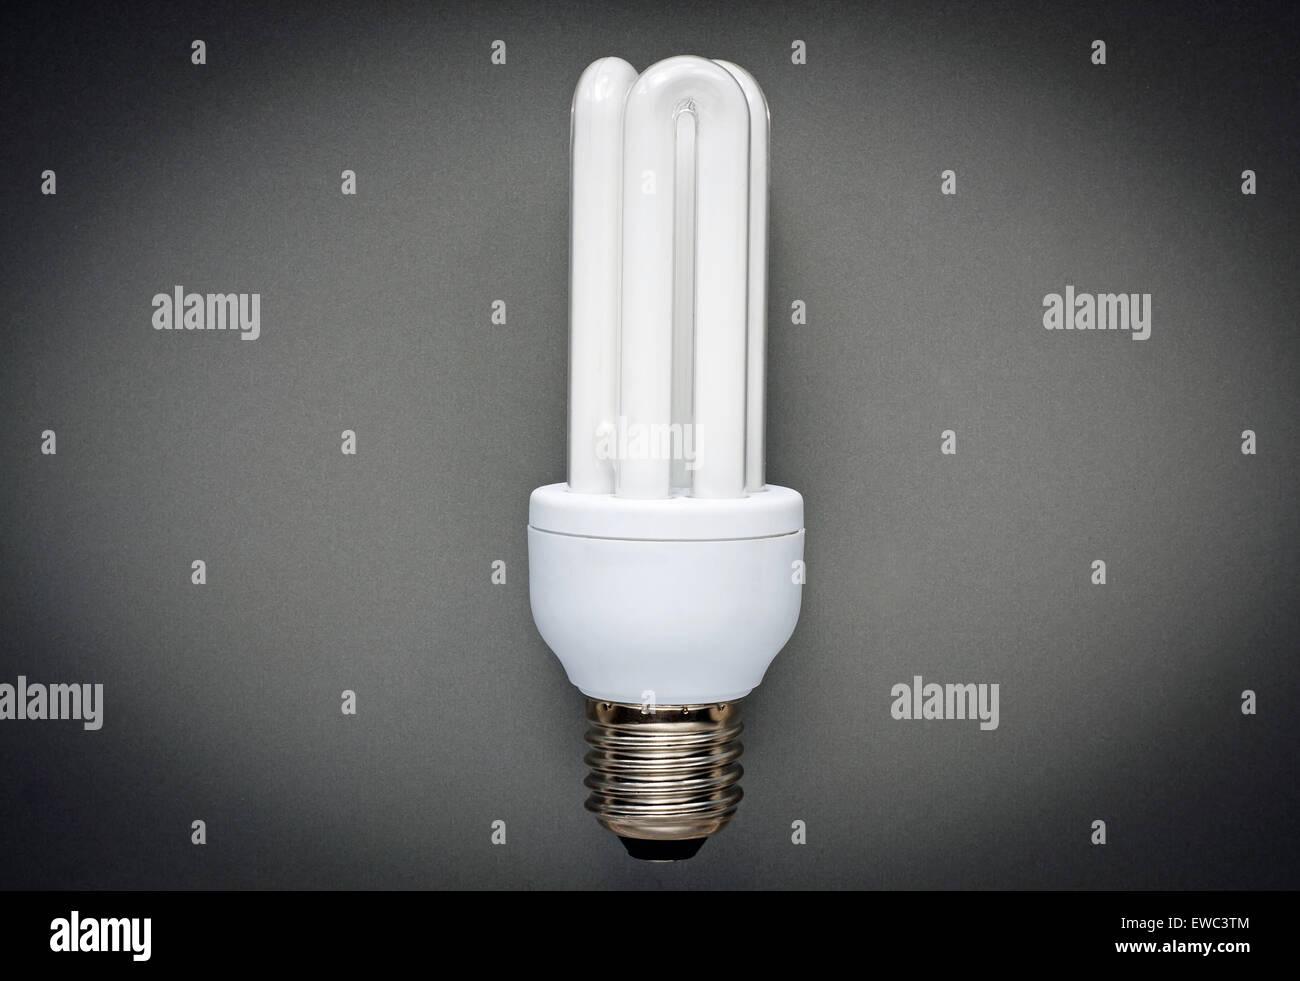 Risparmio energetico lampada su sfondo grigio Immagini Stock